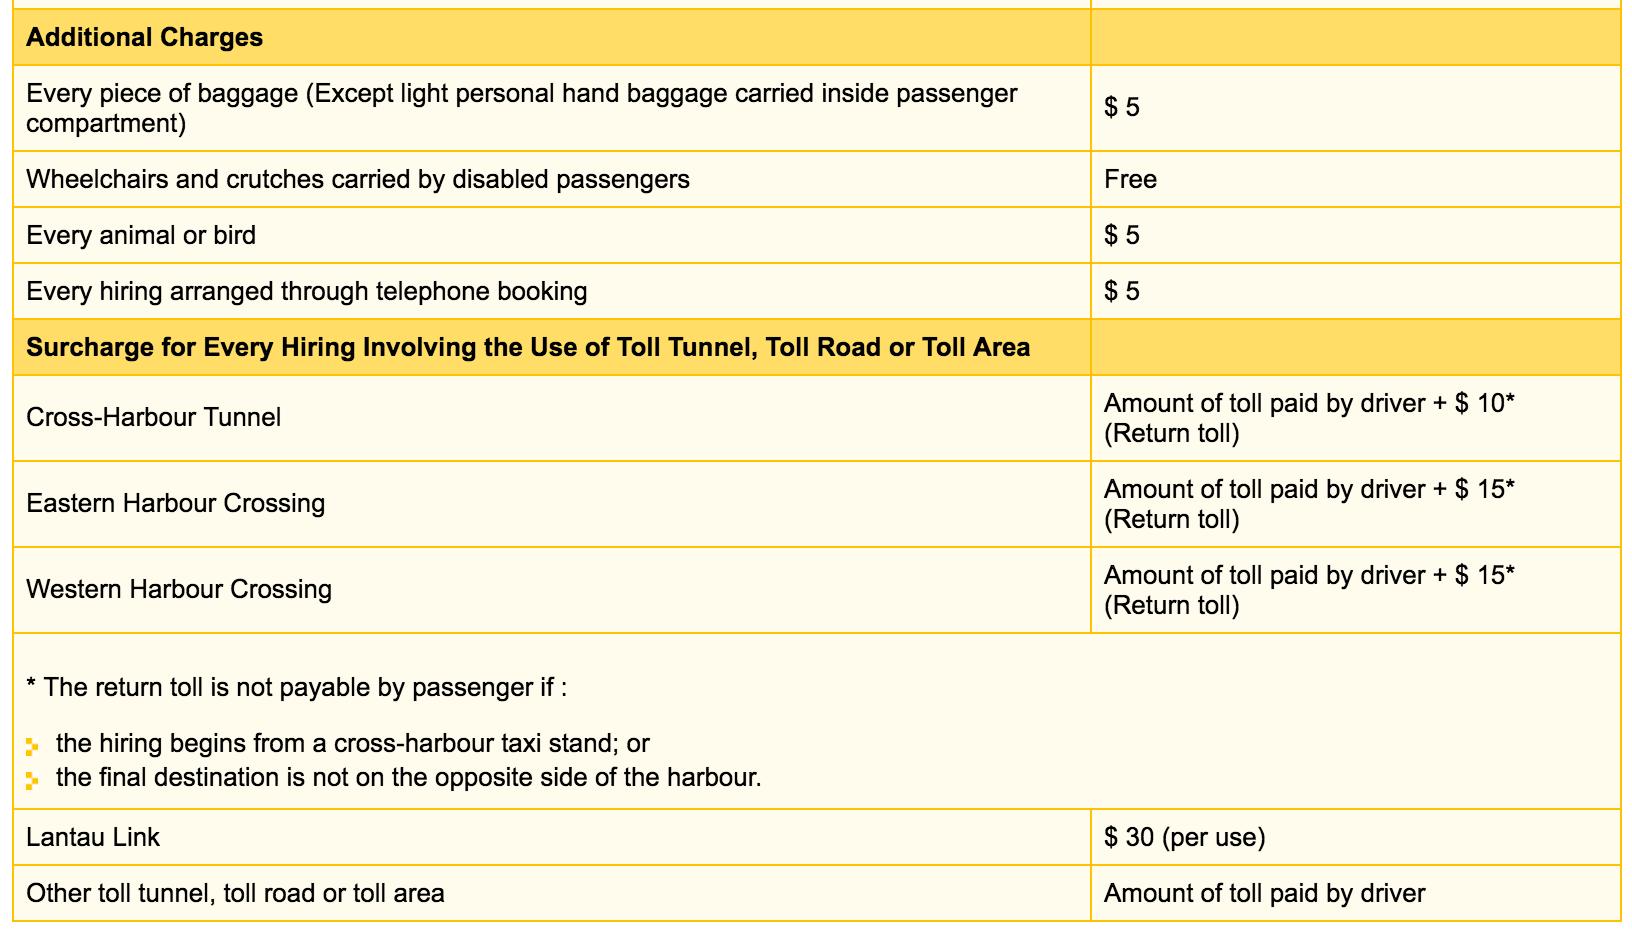 Сайт гонконгского такси. Пассажиры платят дополнительные сборы за проезд по туннелям и провоз багажа